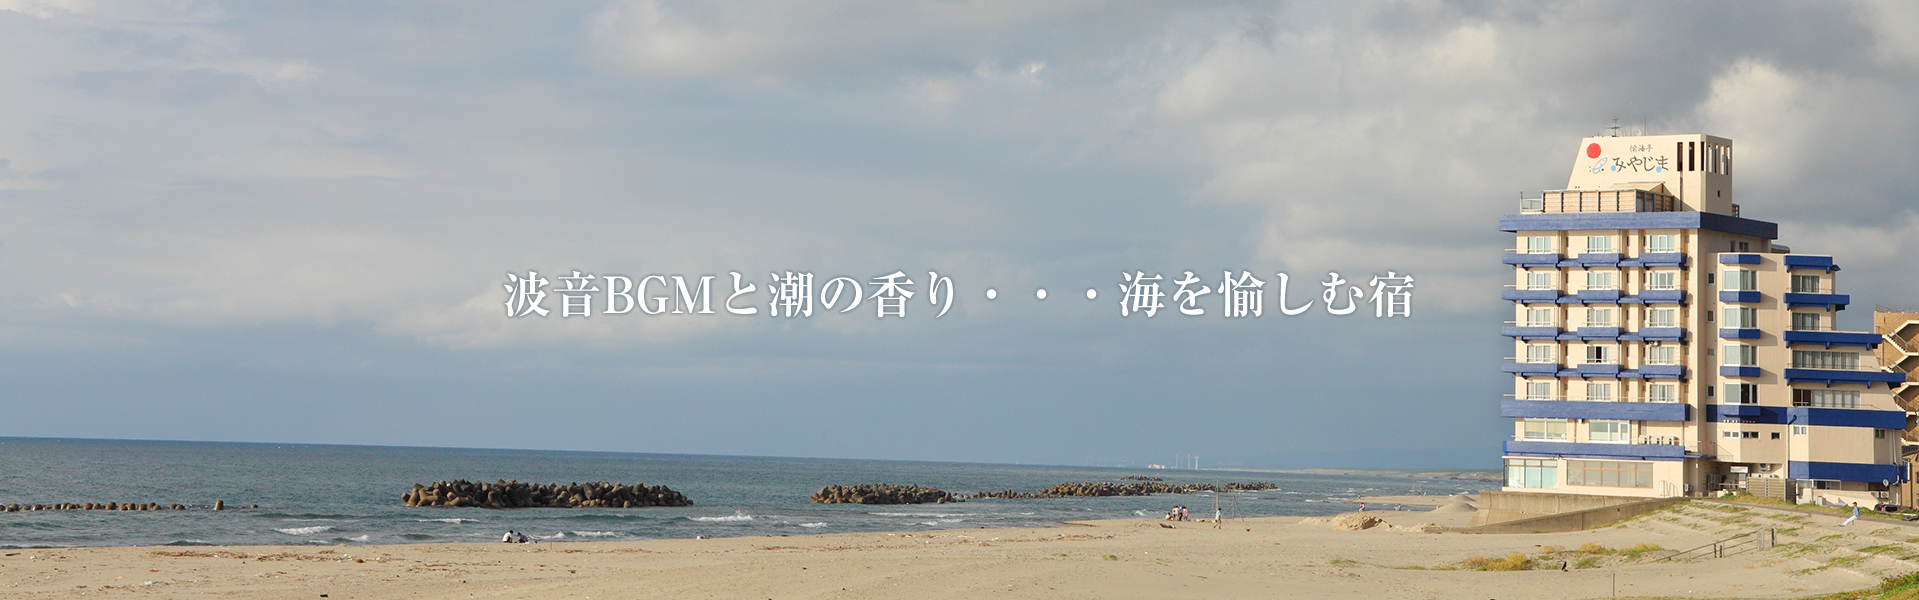 波音BGMと潮の香り・・・海を愉しむ宿